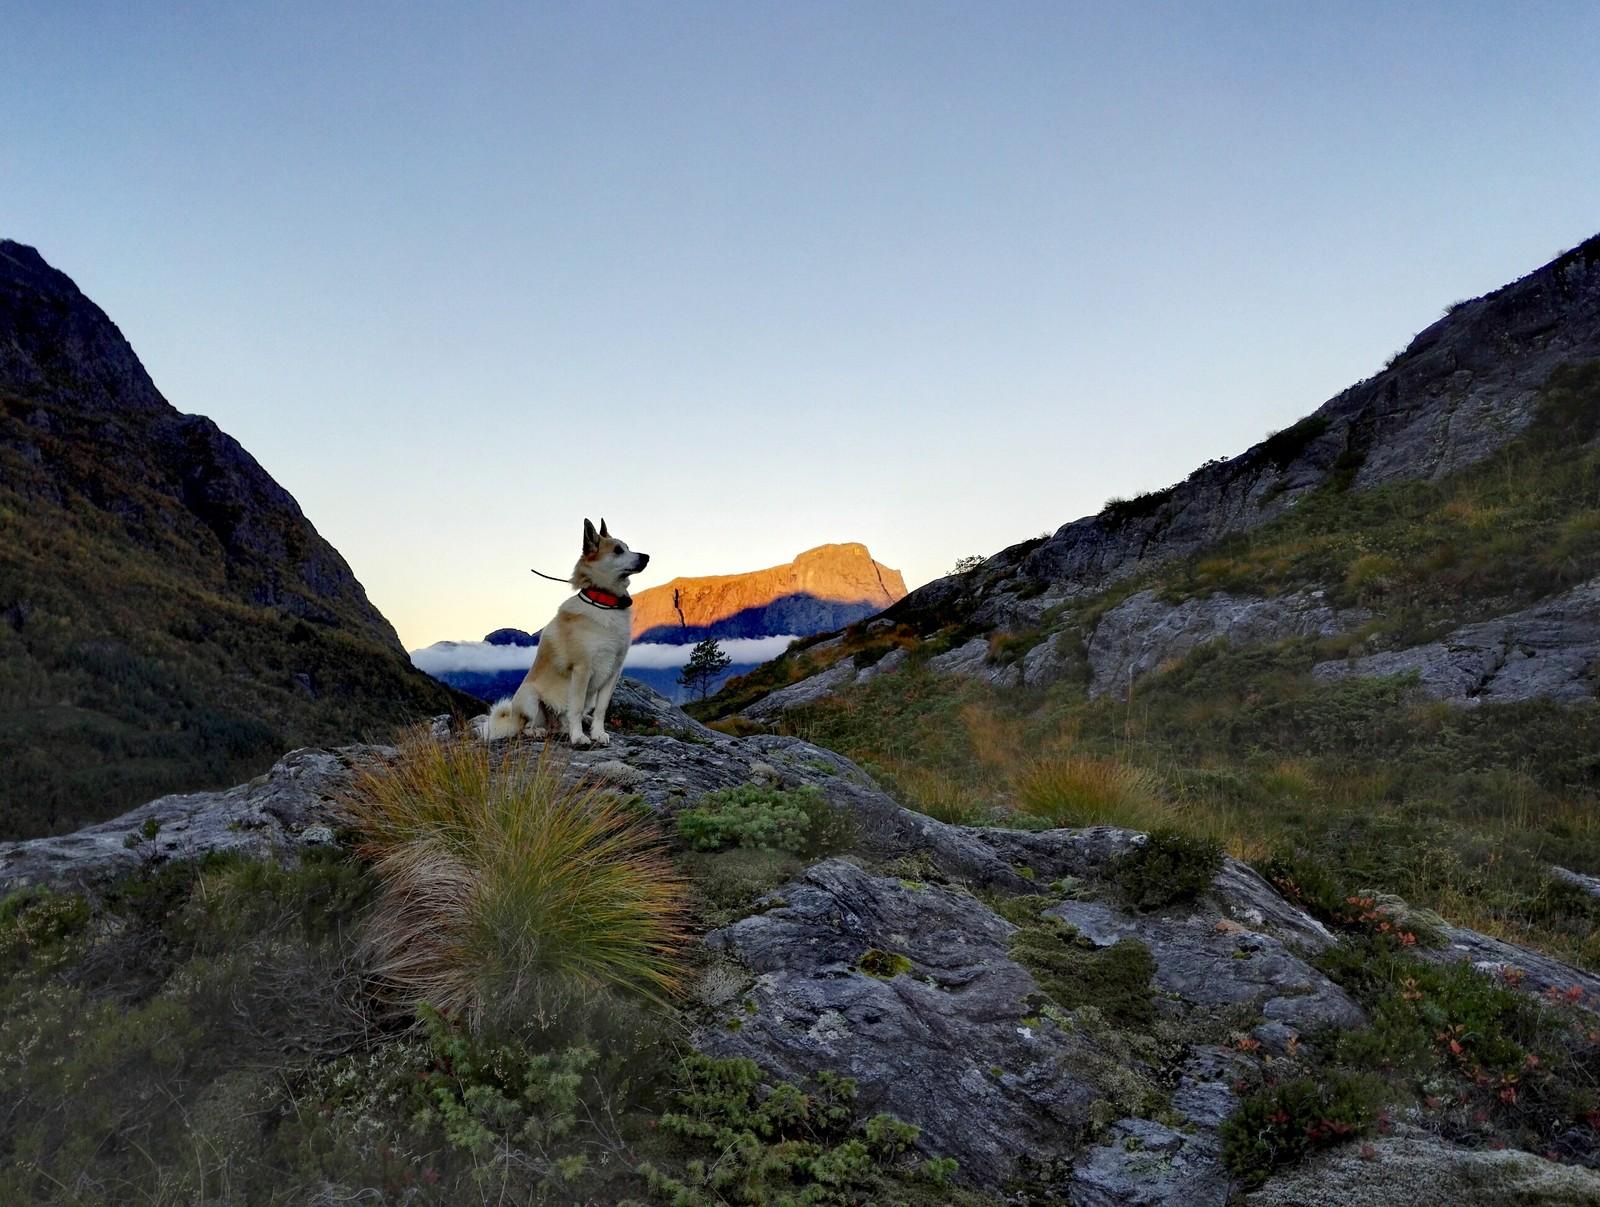 Hjortejakt med utsikt mot Hornelen. Bortnen.